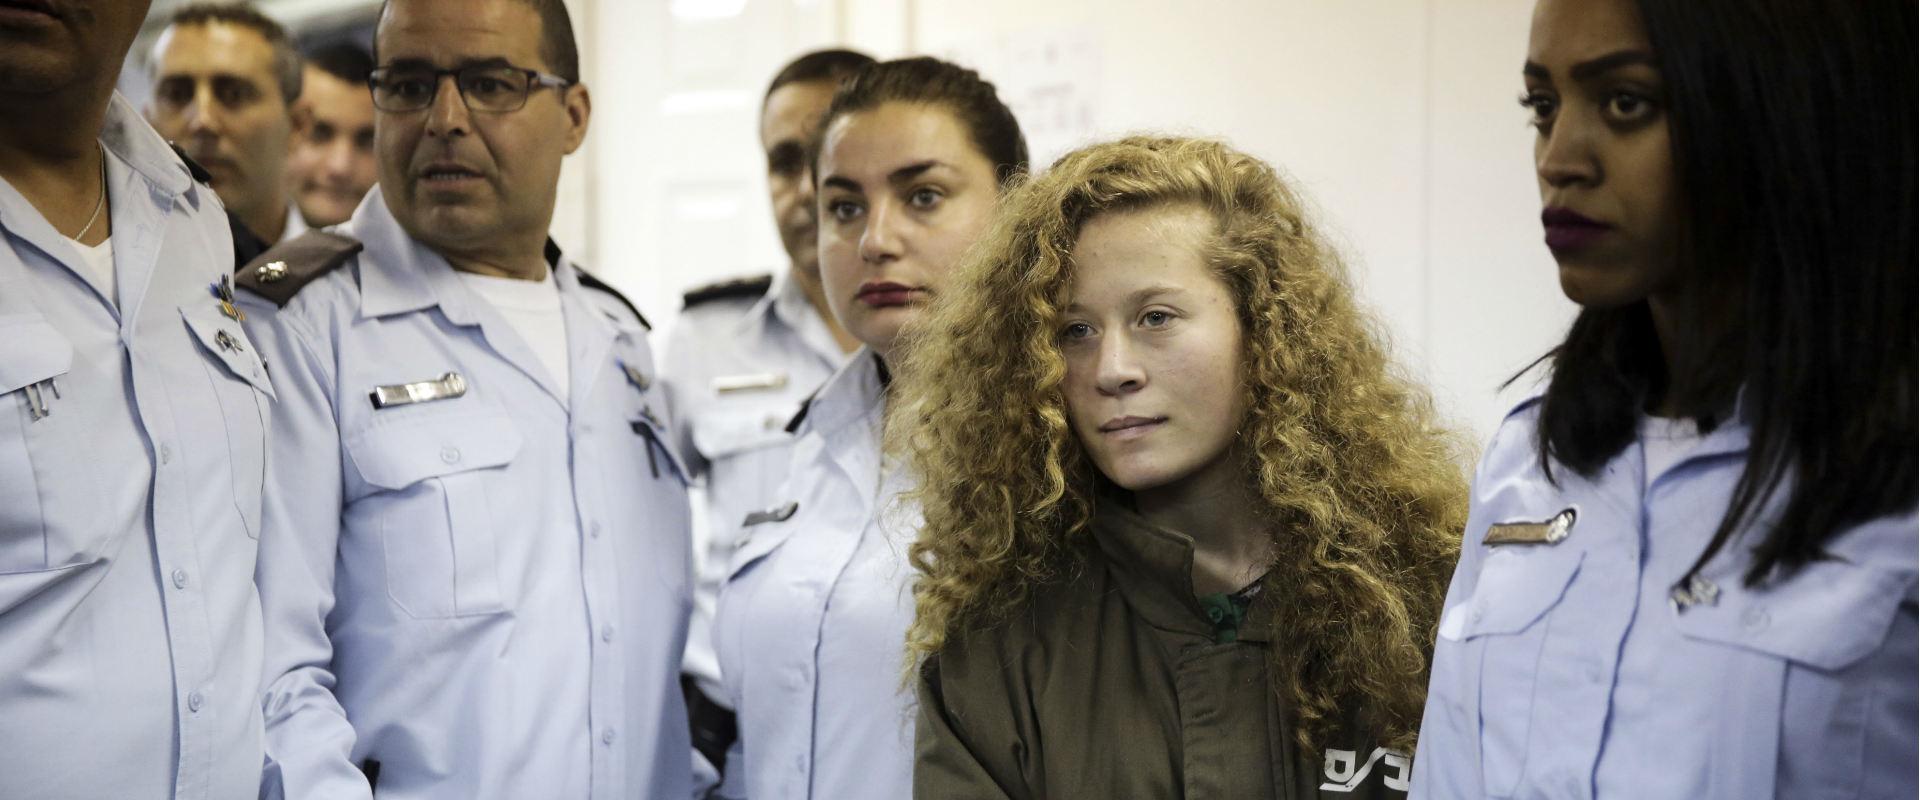 עהד תמימי, בבית המשפט הצבאי במחנה עופר